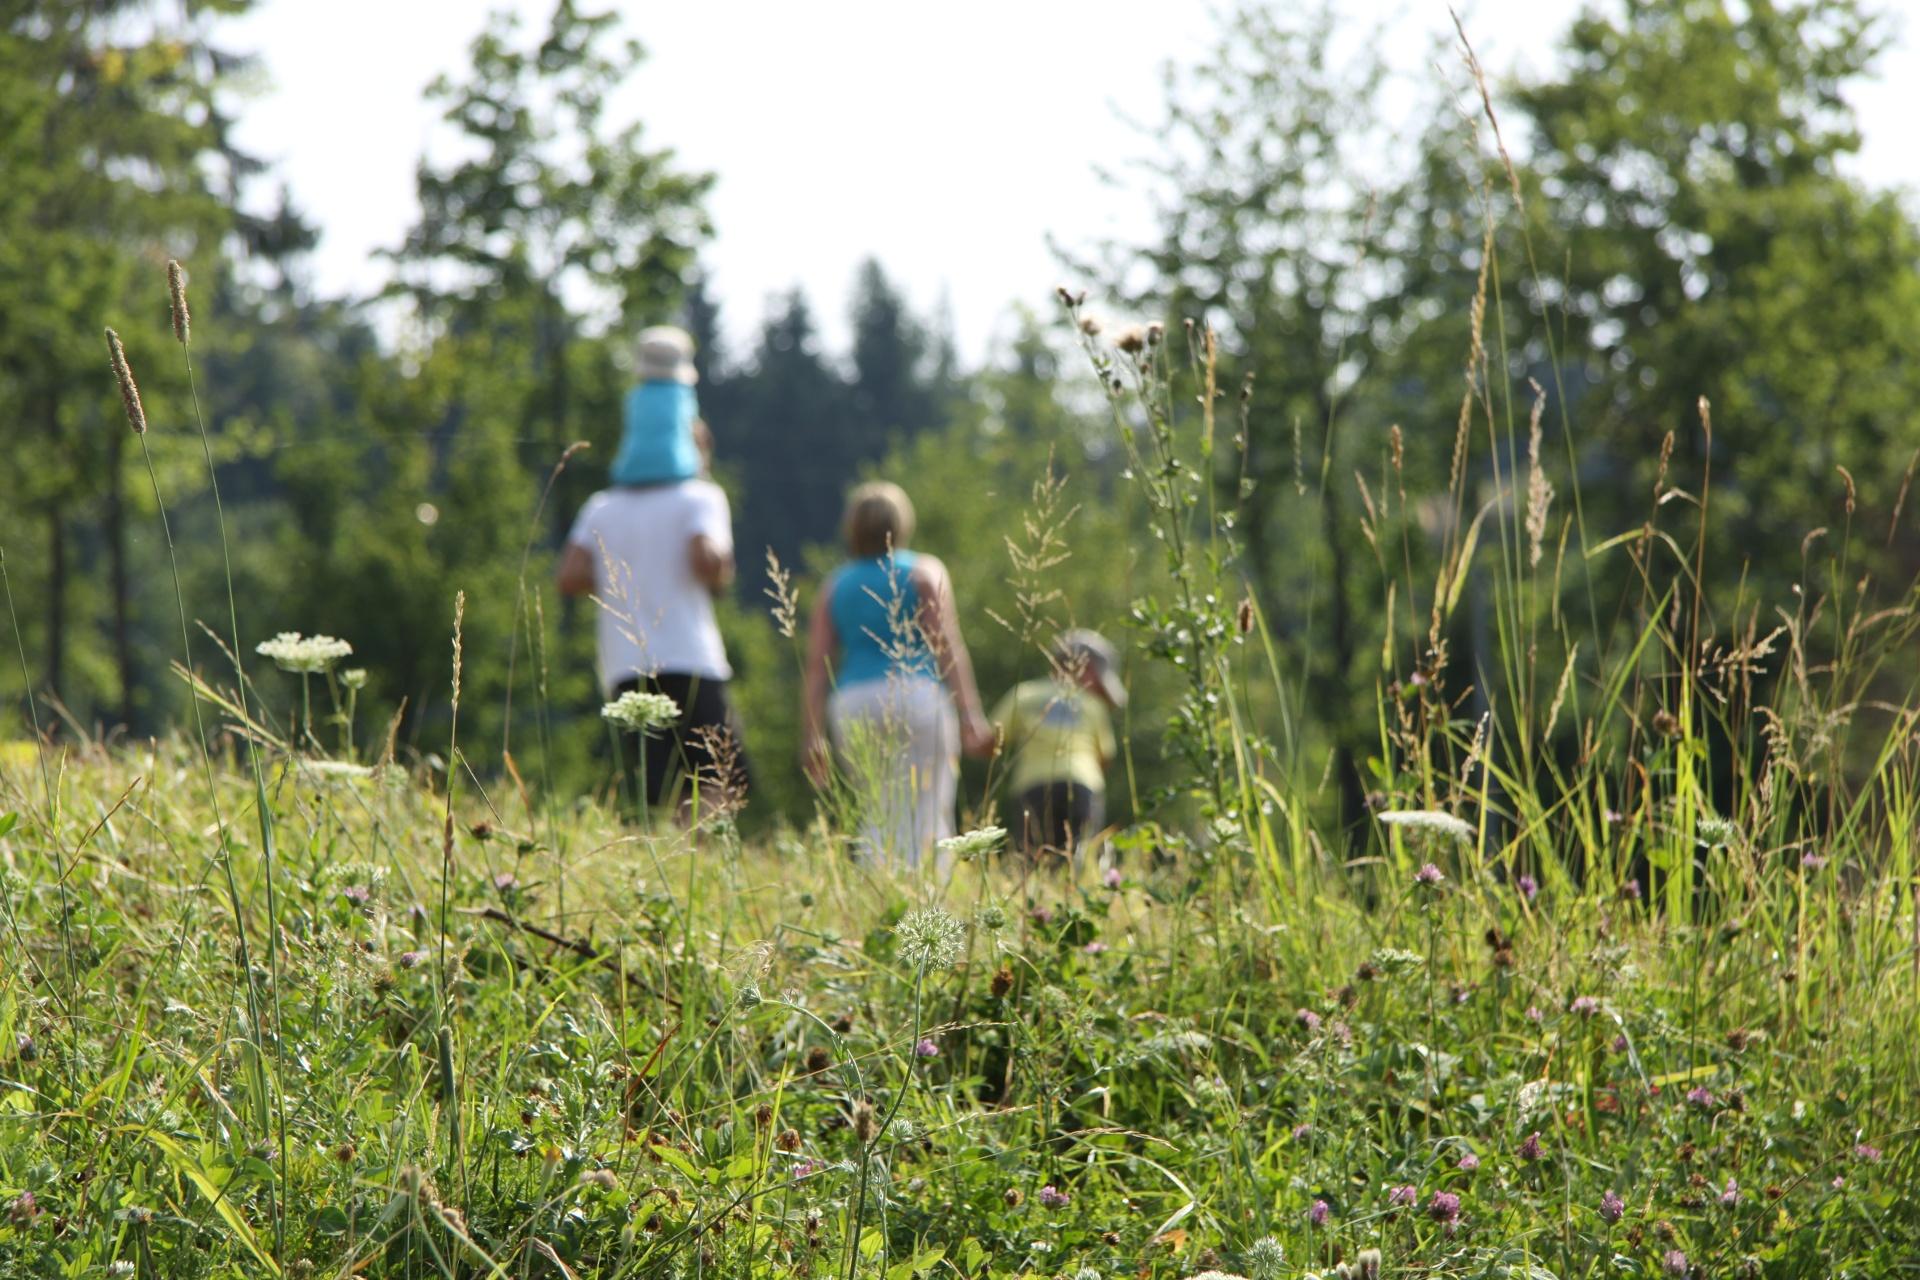 outdoor activities- hiking